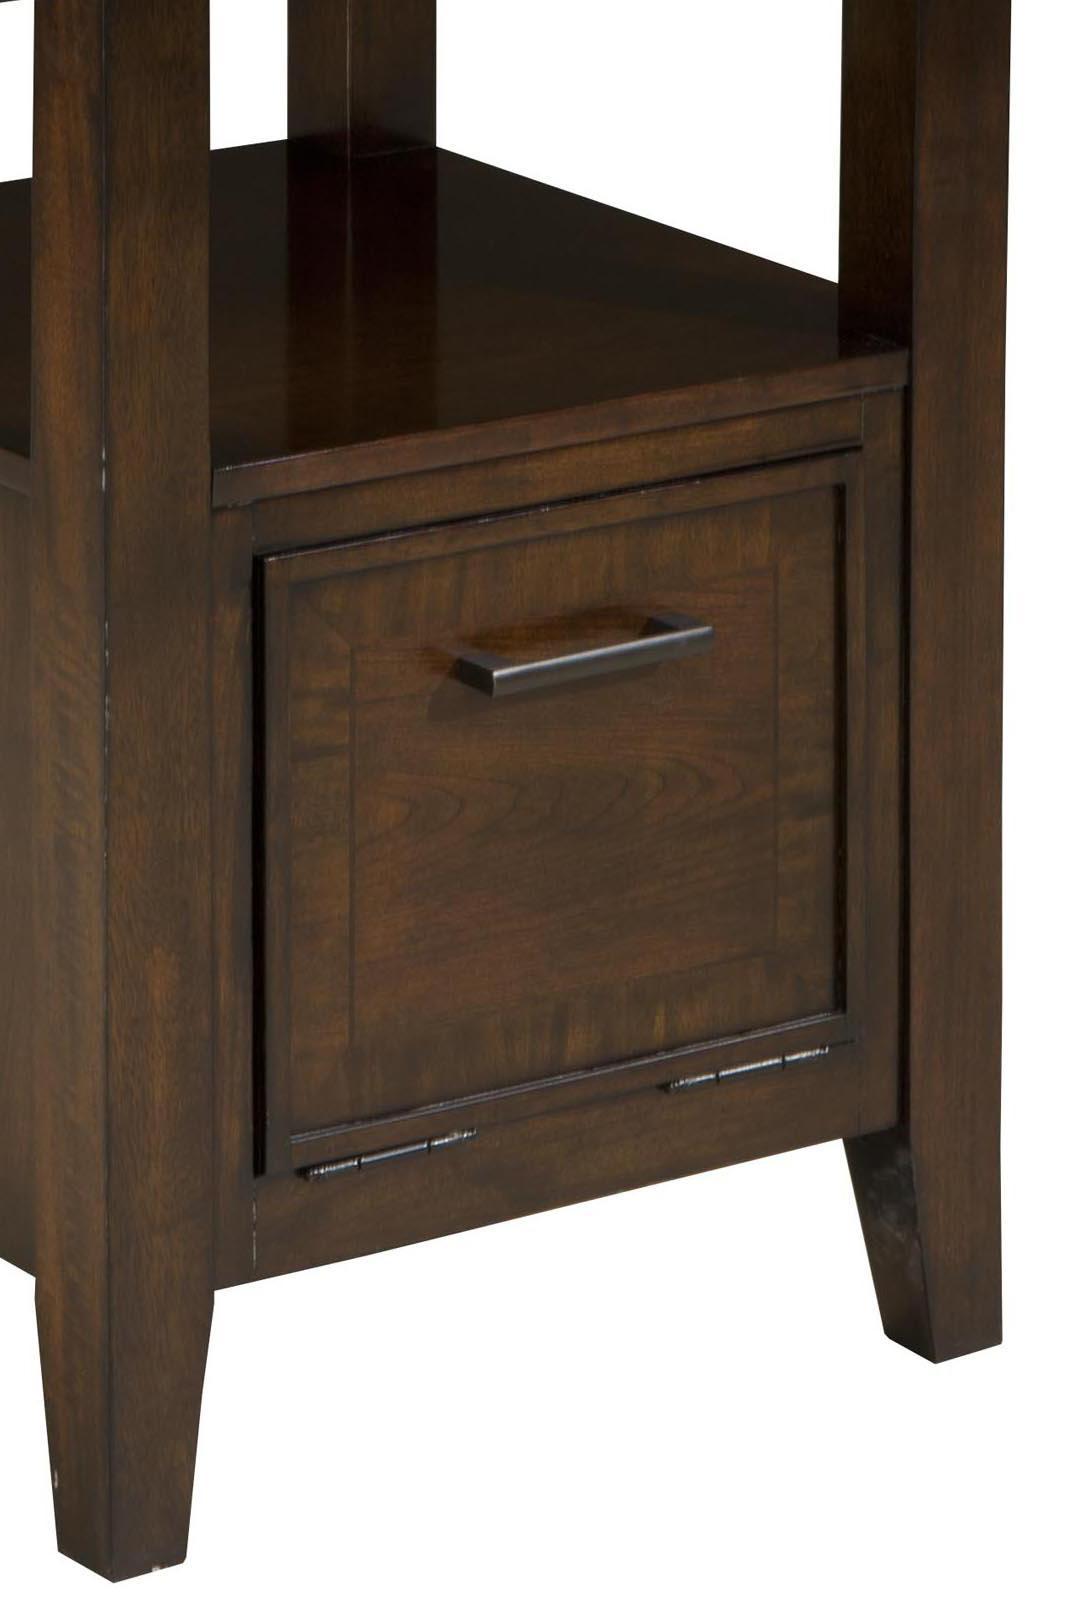 Avion 17820 by standard furniture j j furniture for J furniture dealers